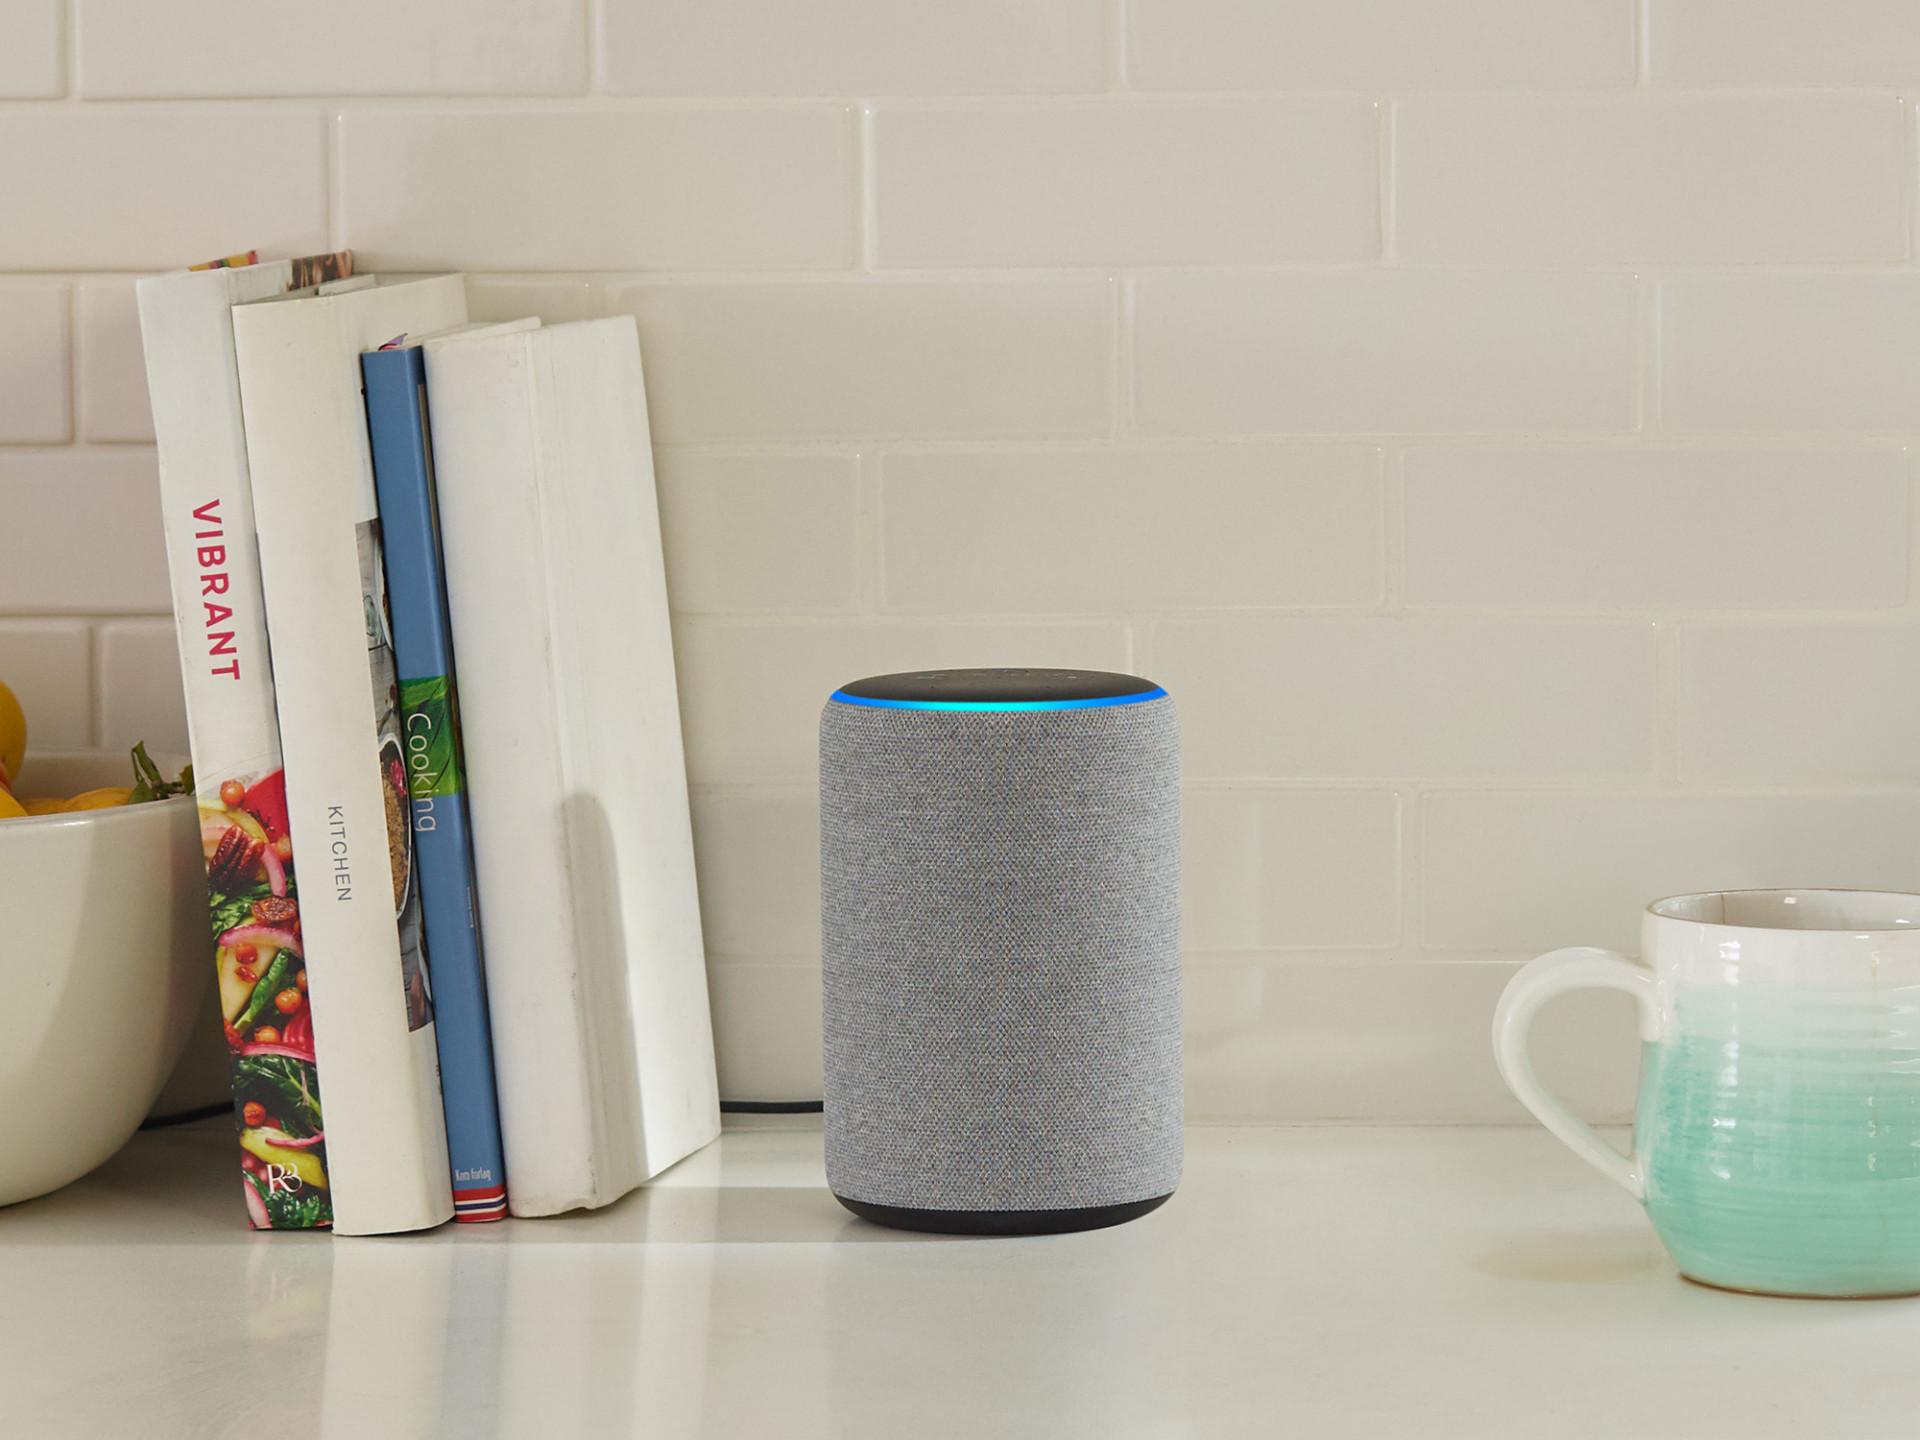 Echo Plus: Besserer Sound, mehr Smart-Home-Funktionen und smarte Steckdosen